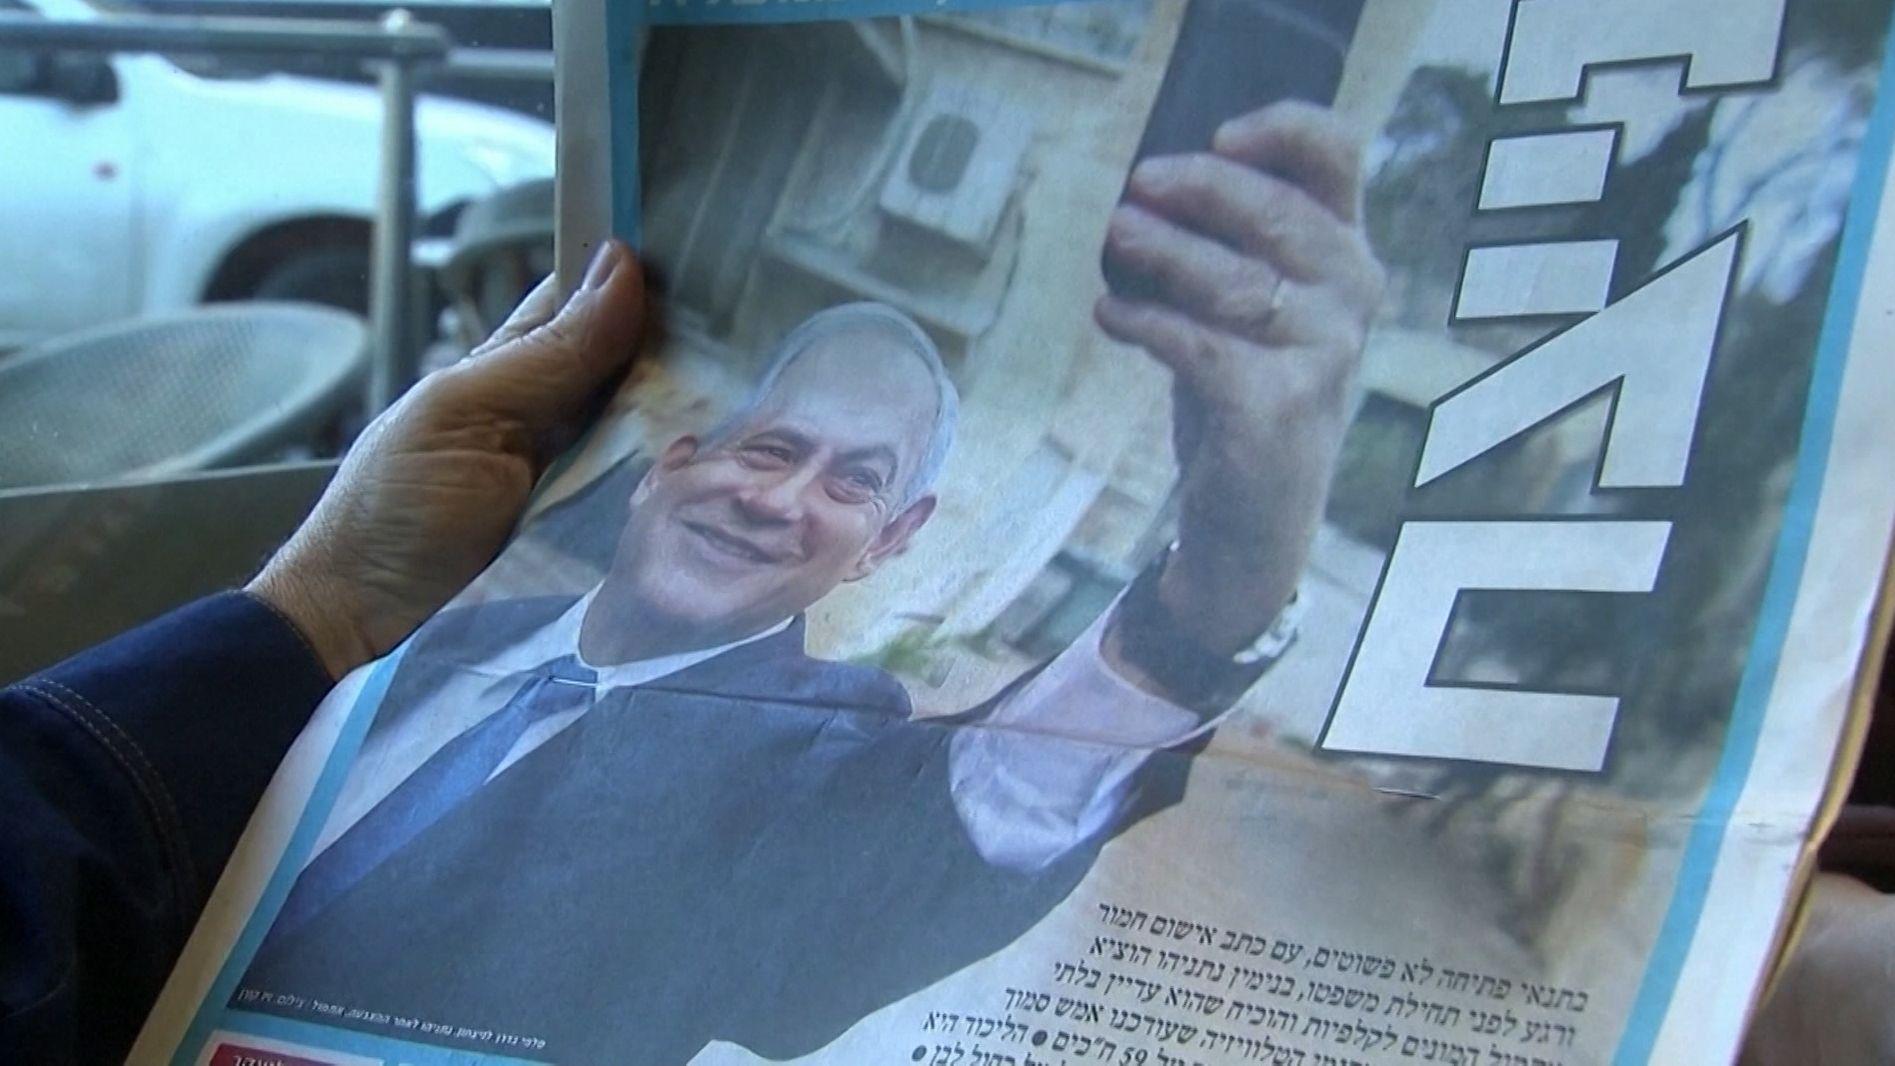 Bei der dritten Parlamentswahl in Israel binnen eines Jahres hat die Likud-Partei von Regierungschef Netanjahu deutlich hinzugewonnen. Nach bisherigem Stand der Auszählung könnte seine Partei 59 der 120 Sitze in der Knesset errungen haben.